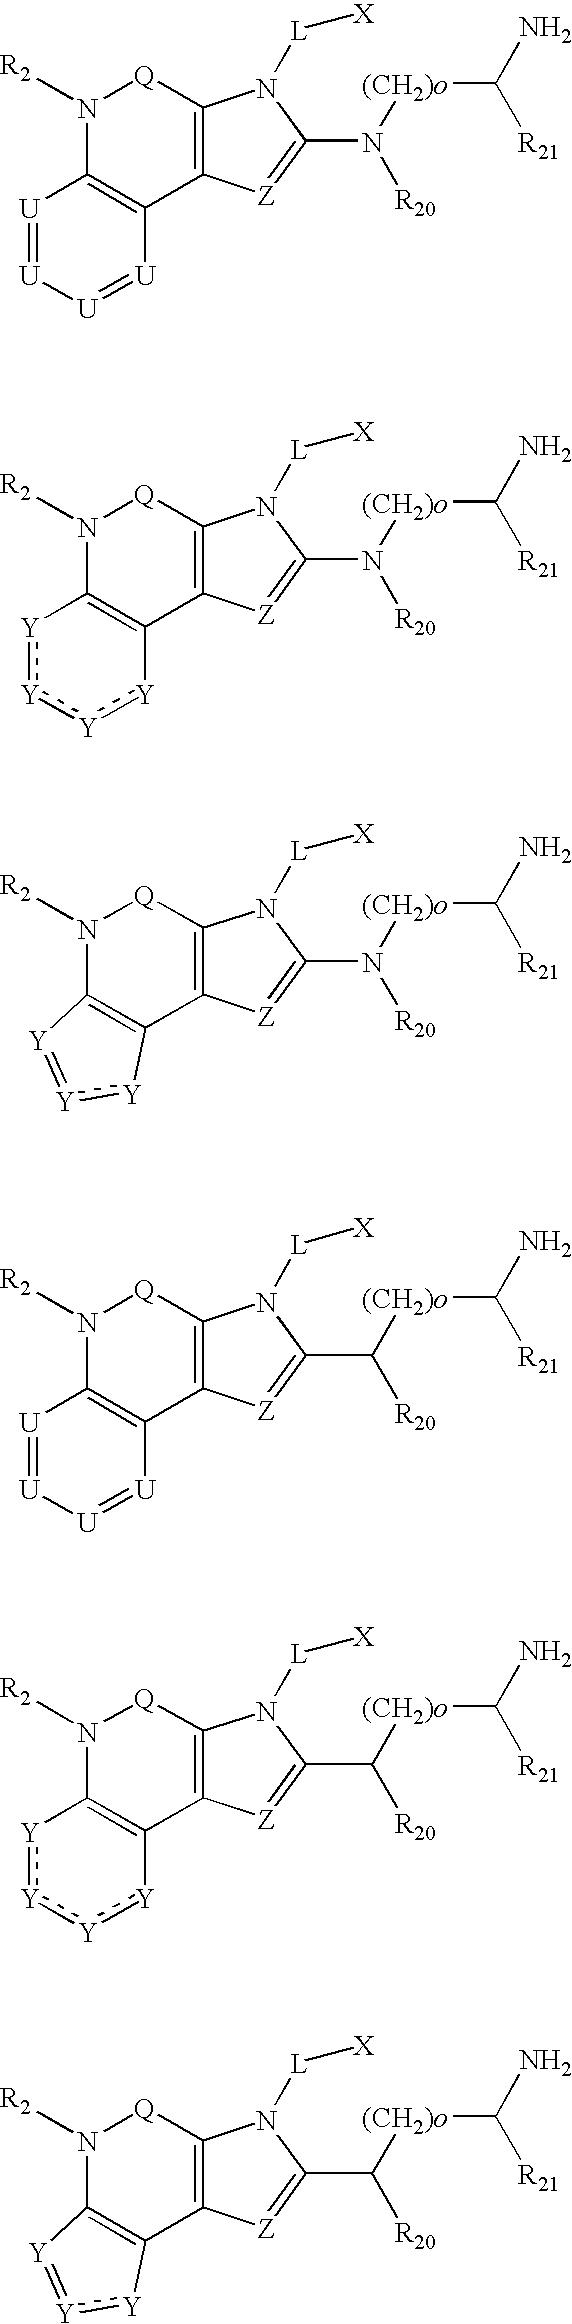 Figure US07678909-20100316-C00025